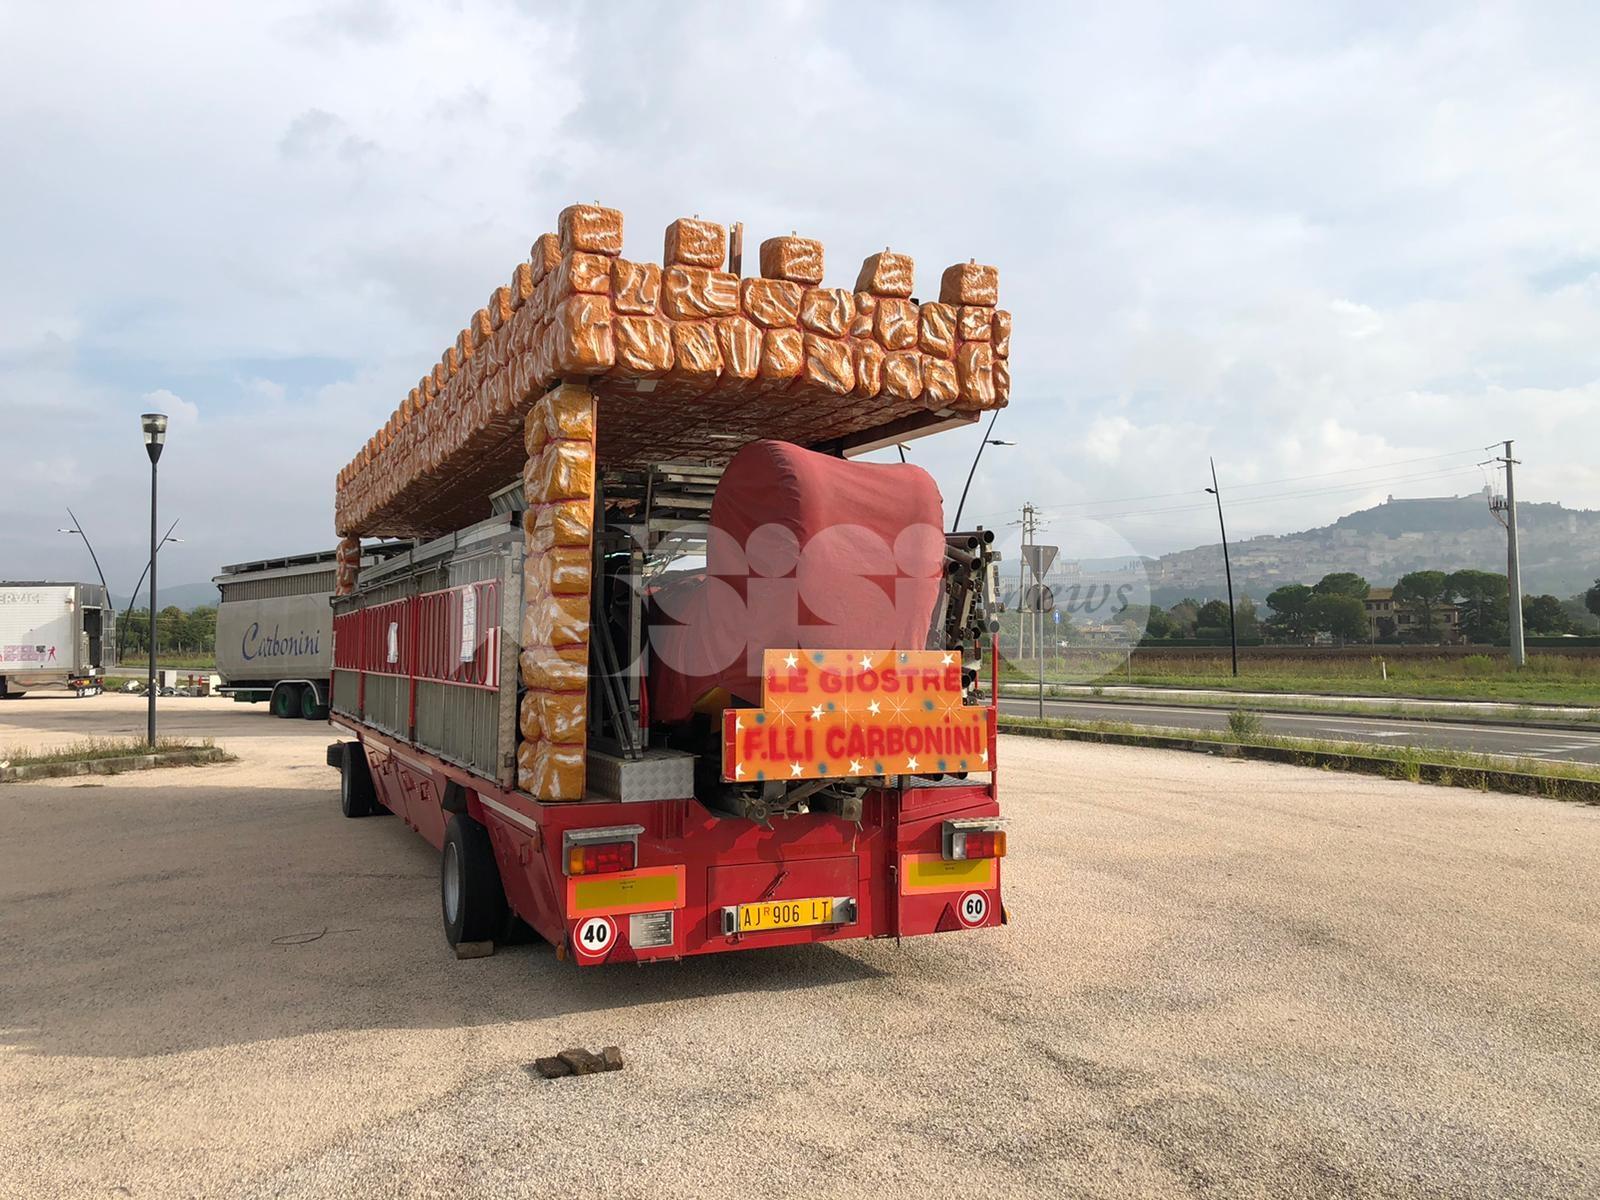 Carrozzelle 2020 ad Assisi in allestimento, si parte il 25 settembre (foto)